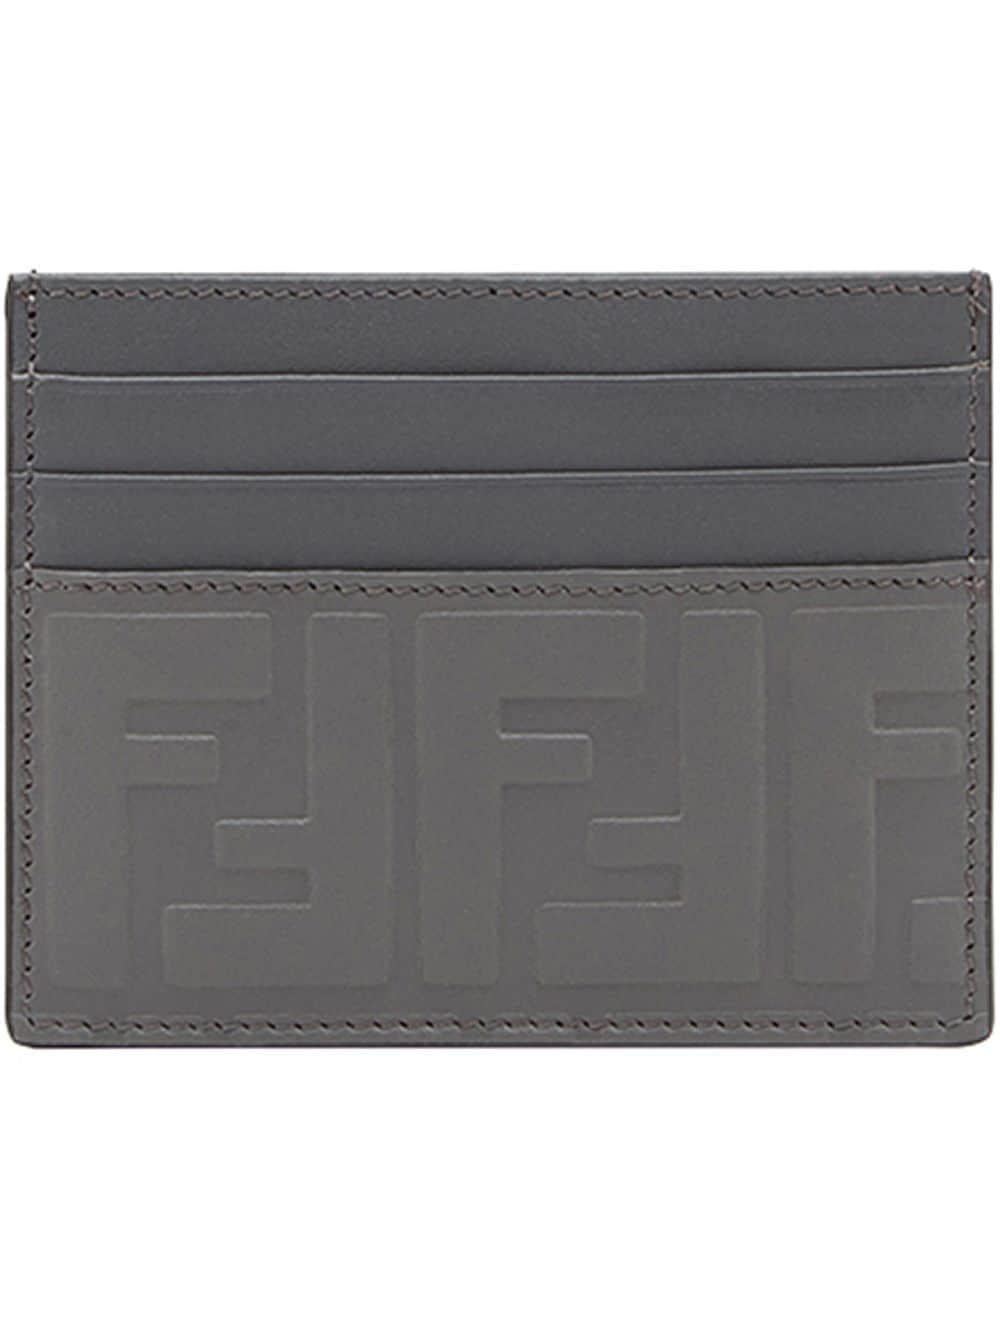 71b435e9e653 Lyst - Fendi Embossed Ff Card Holder in Gray for Men